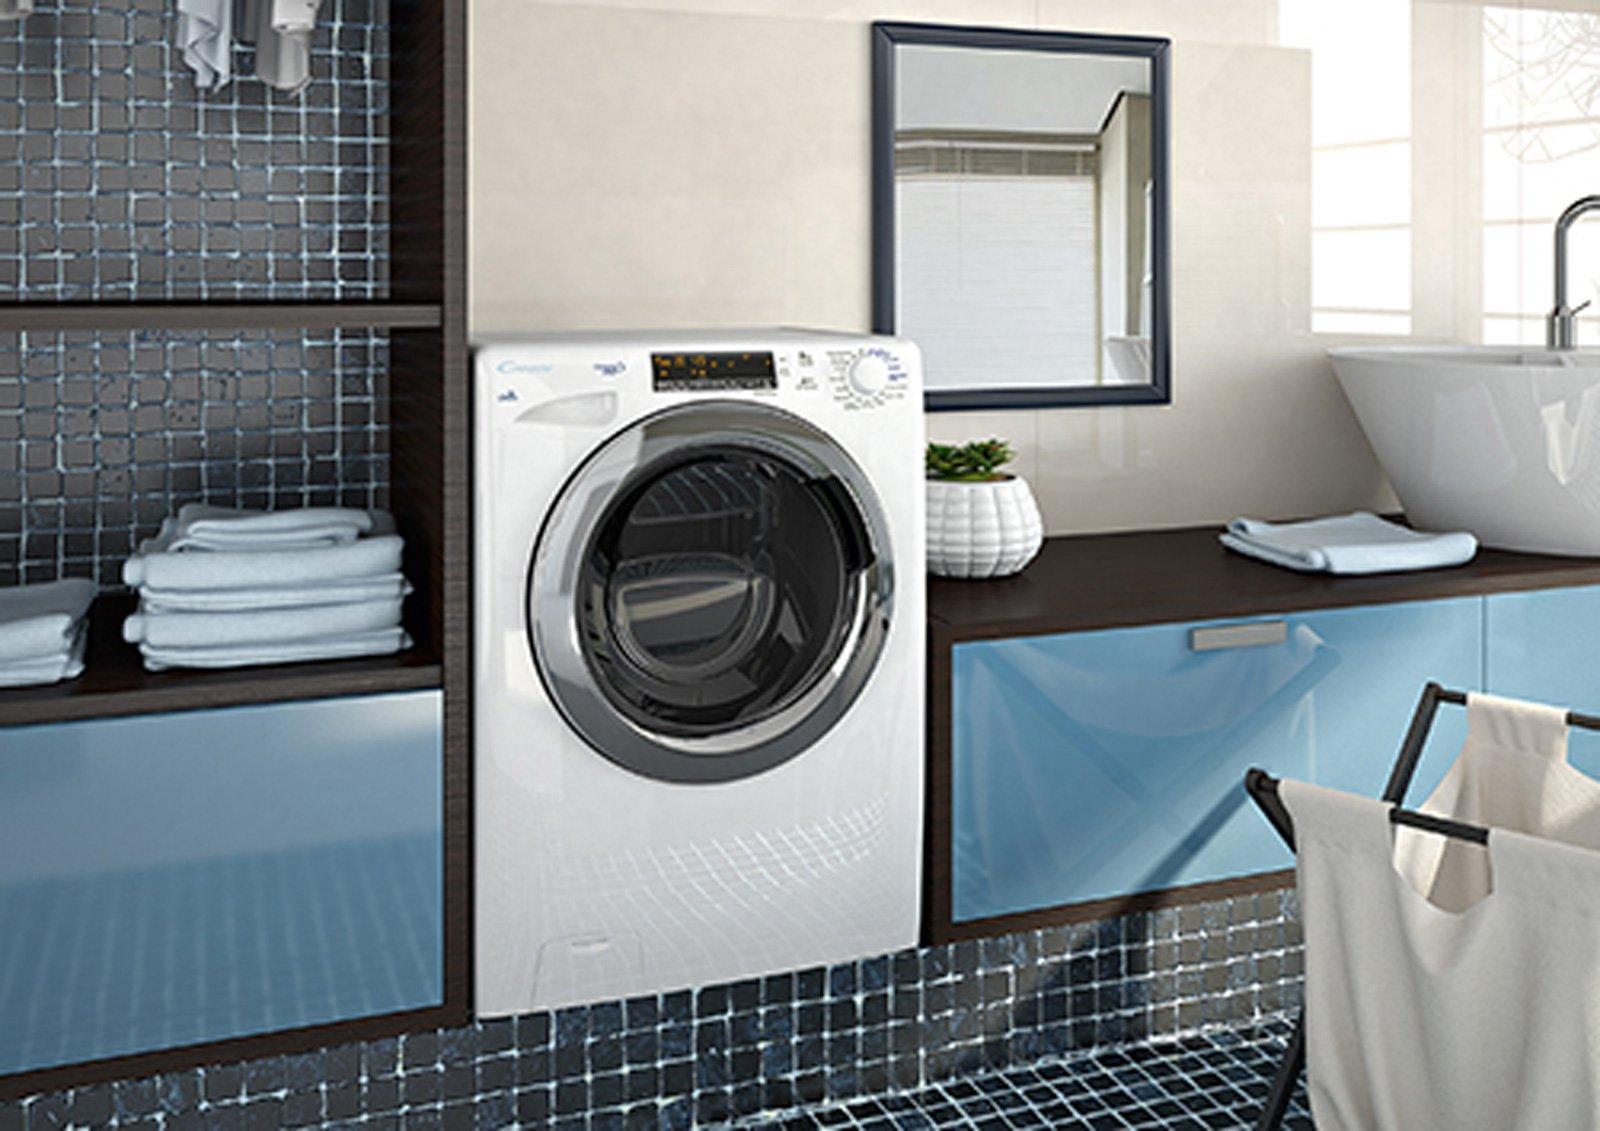 Lavatrici piccole per spazi mini cose di casa - Mobili lavatrici ...